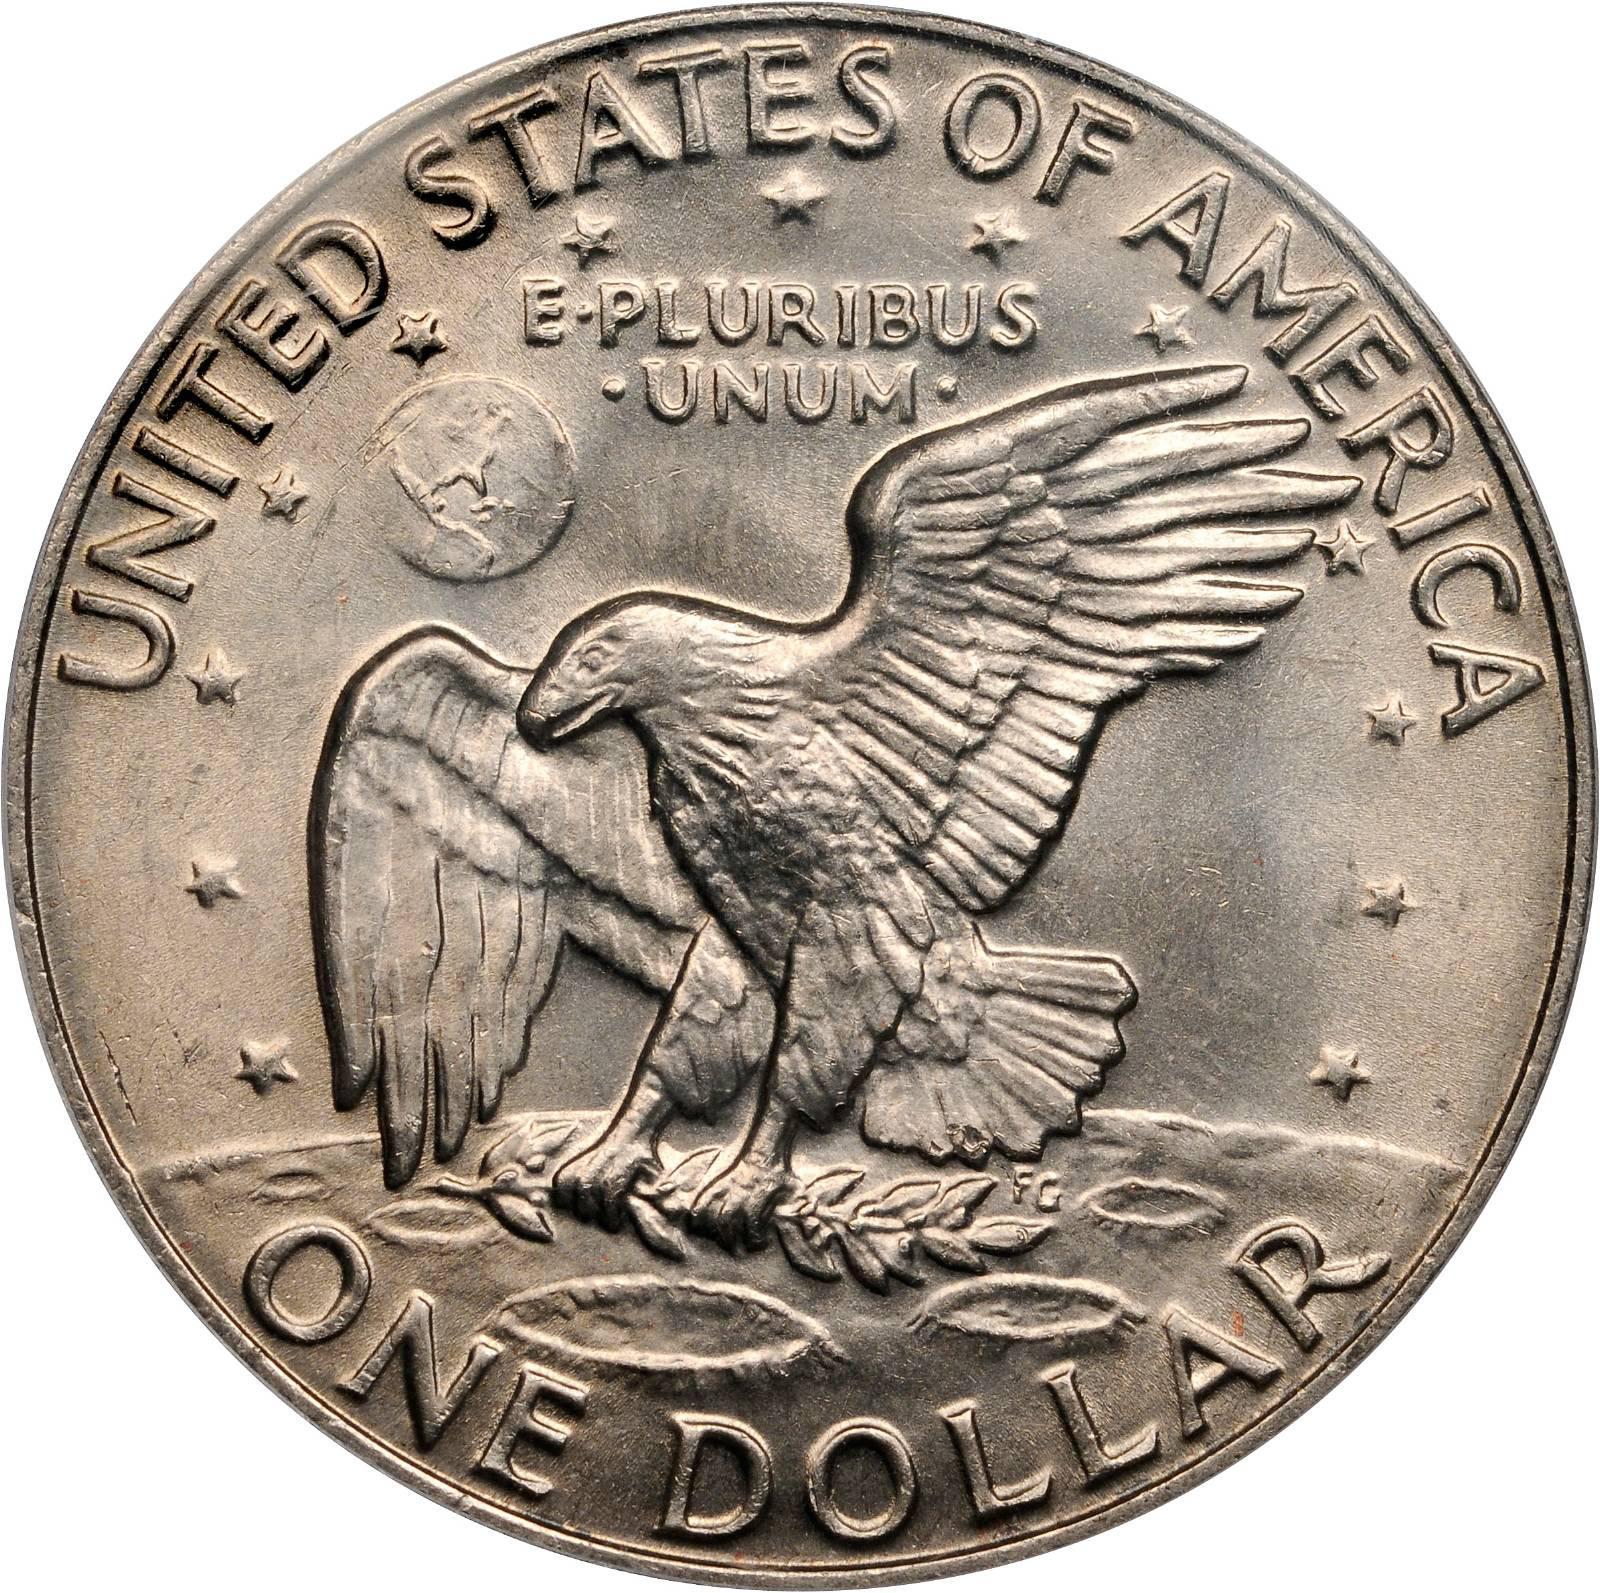 Value Of 1977 Eisenhower Dollar Sell Modern Coins